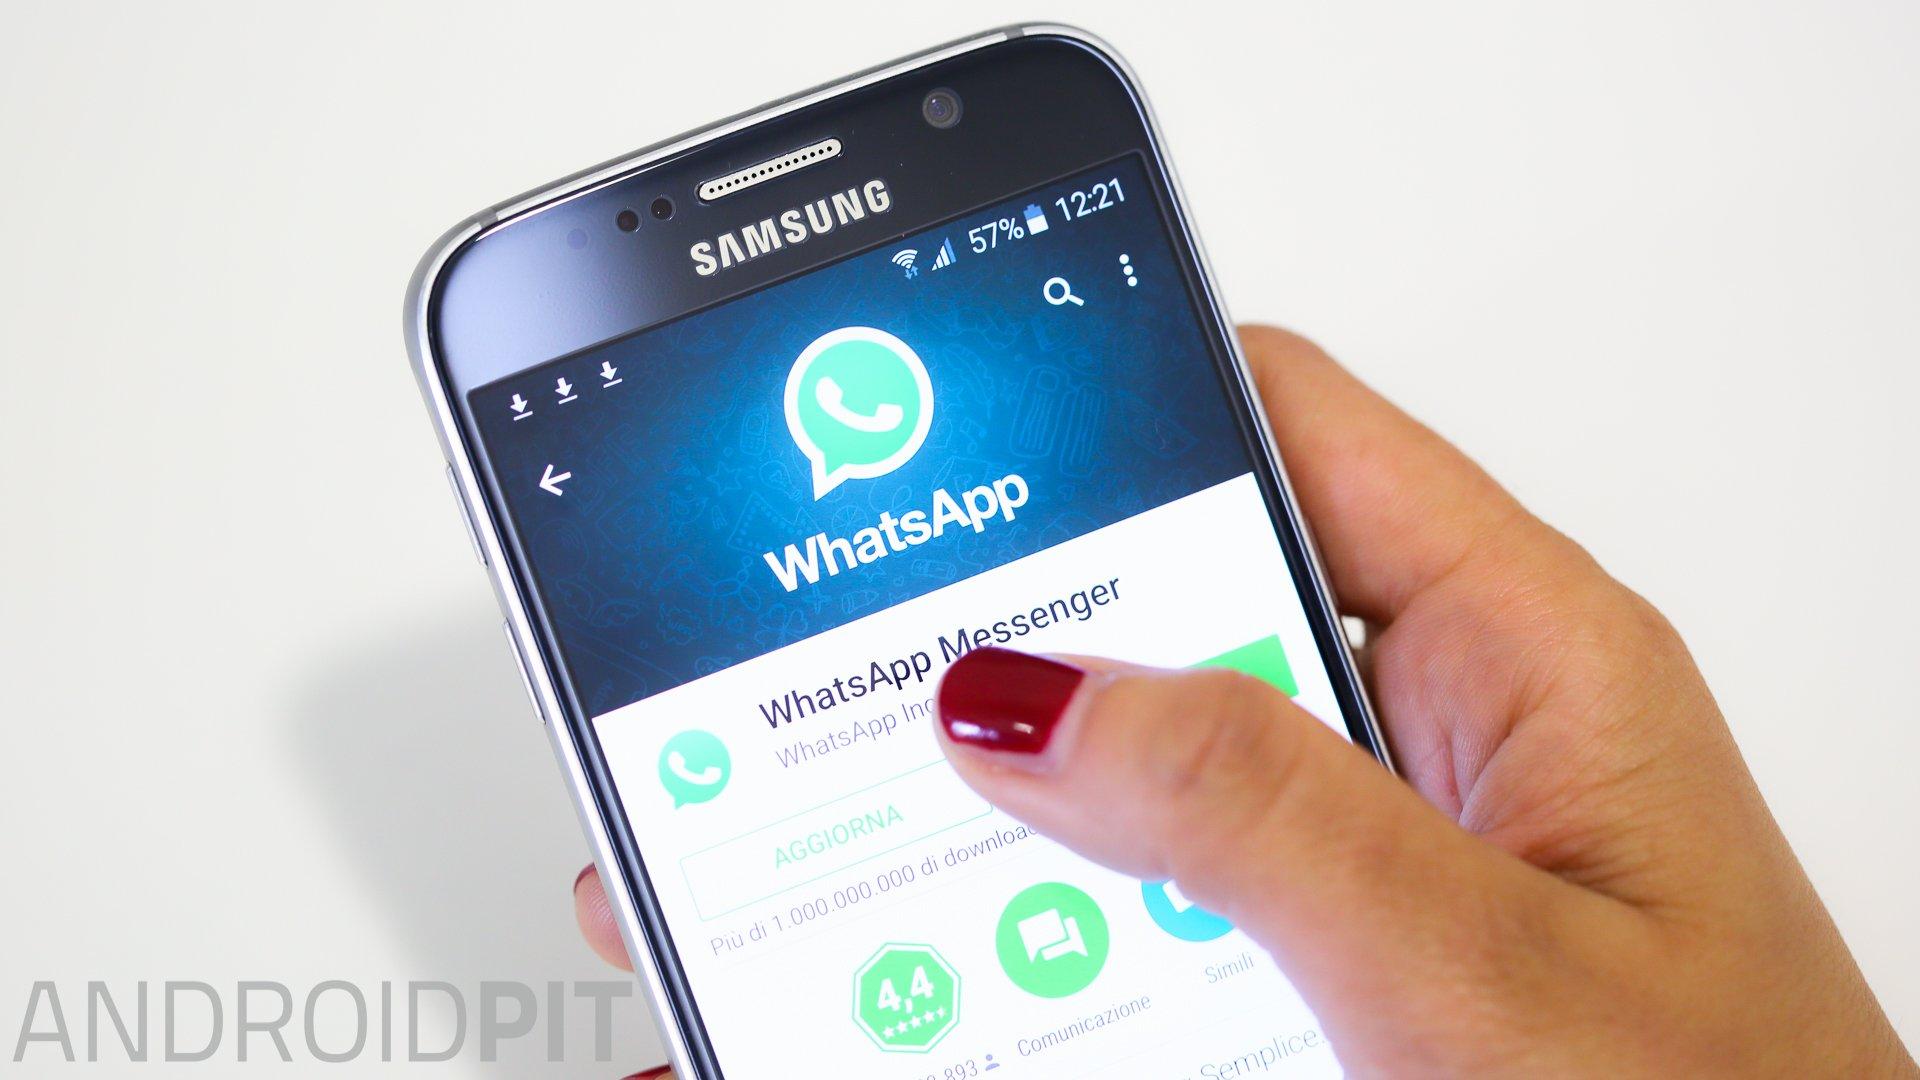 wieso antwortet sie nicht whatsapp